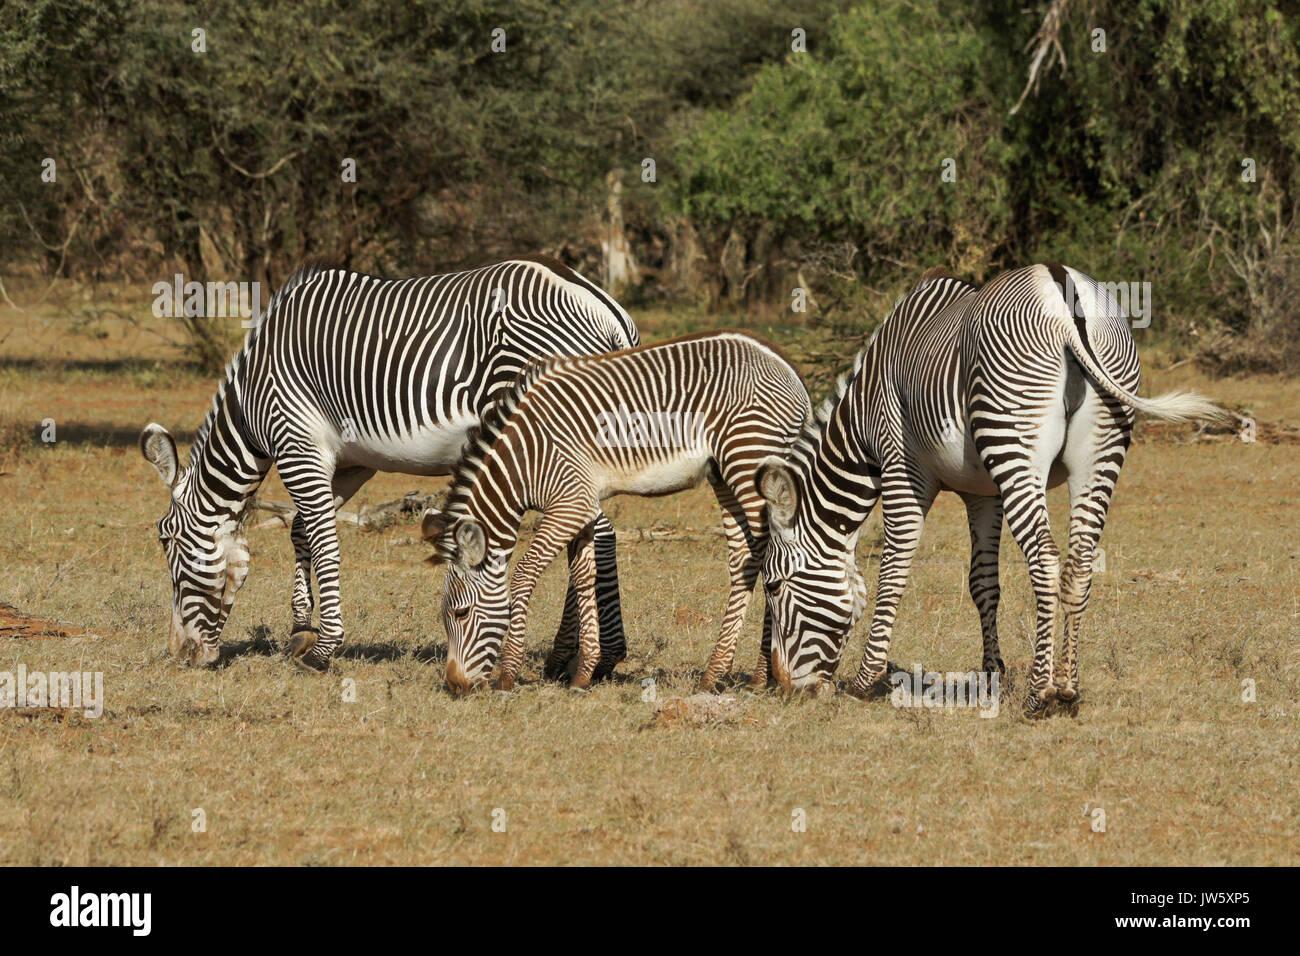 Grevy's zebras grazing, Samburu Game Reserve, Kenya Stock Photo